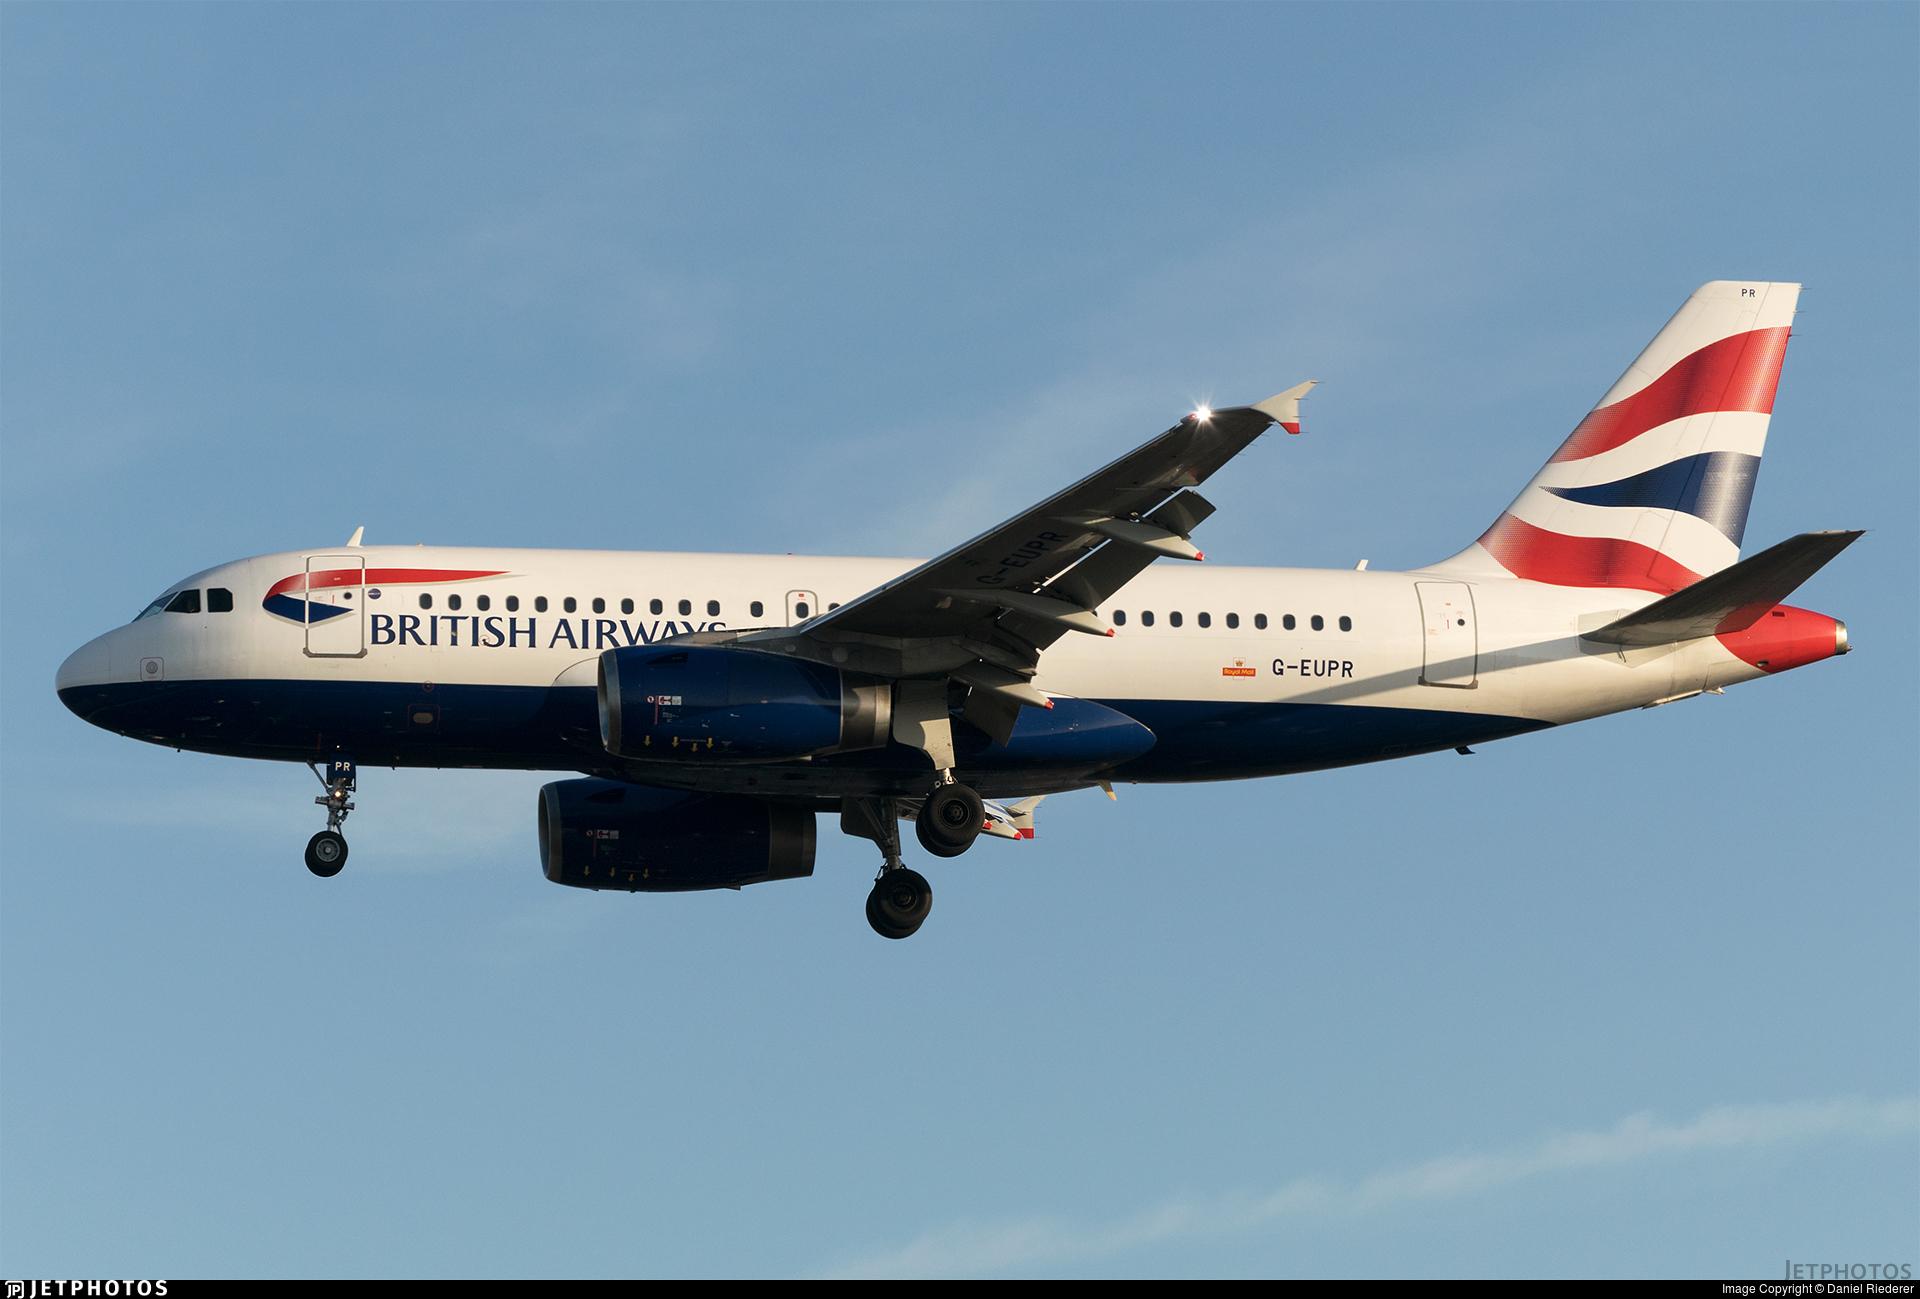 G-EUPR - Airbus A319-131 - British Airways